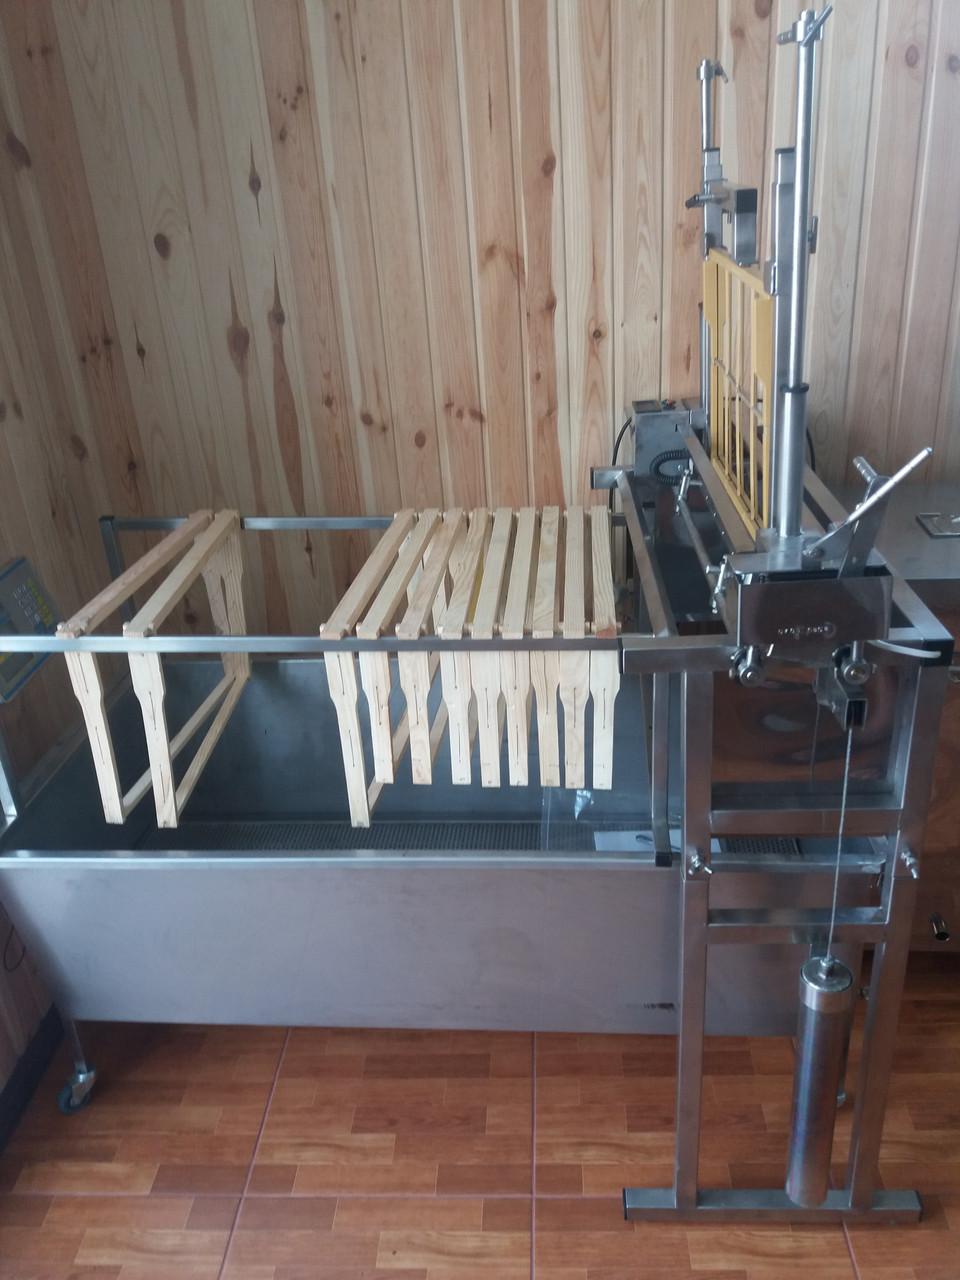 Универсальный распечатыватель пчелиных рамок